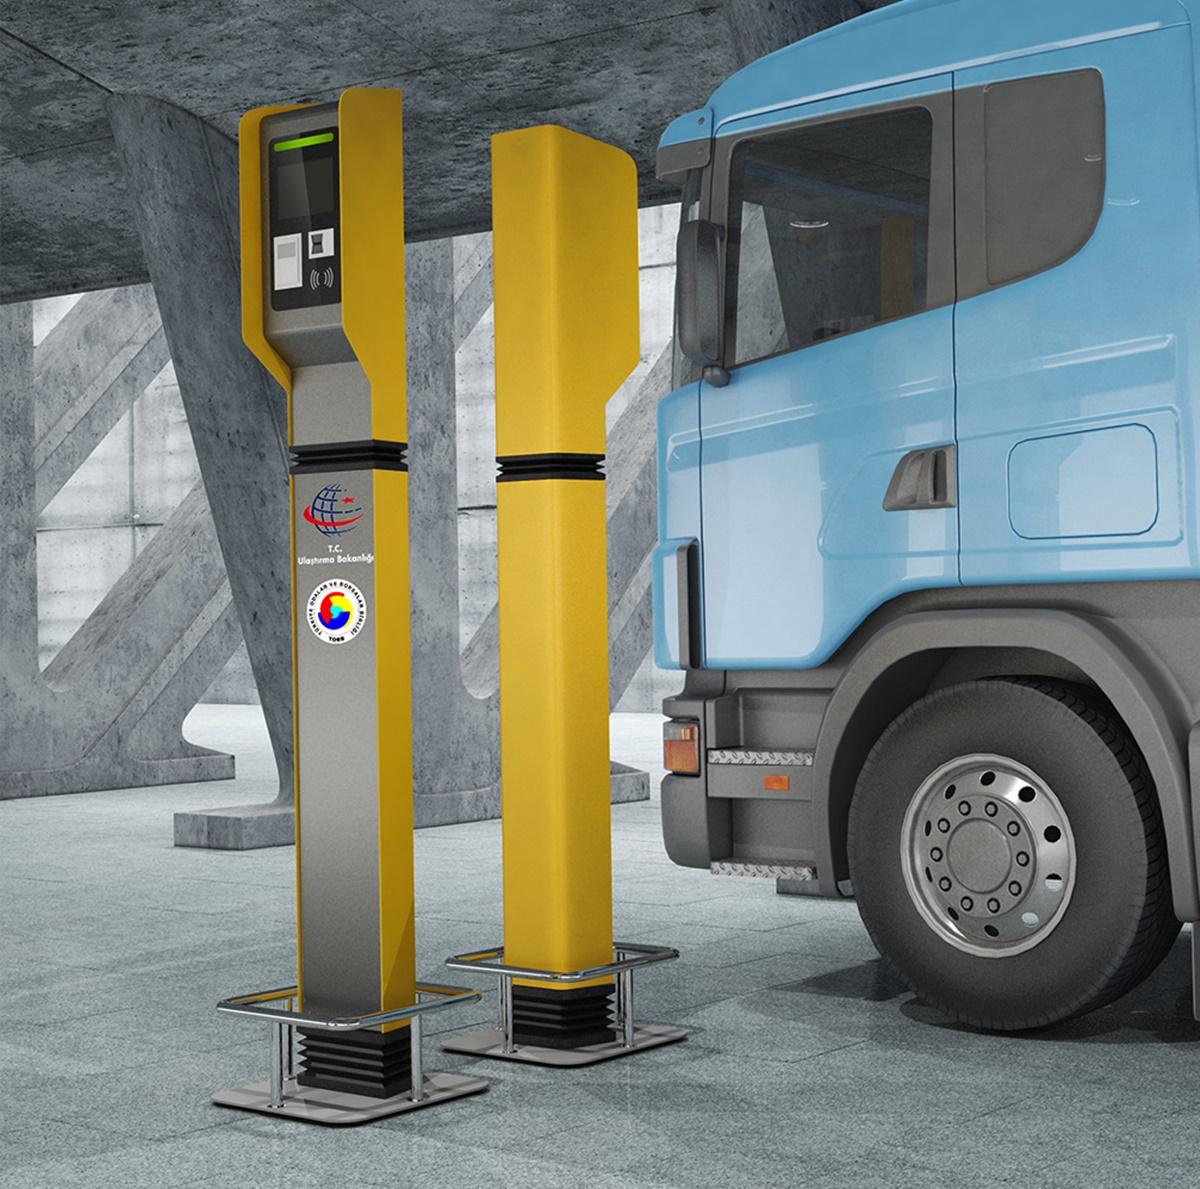 Tachograph Data Collection Kiosk